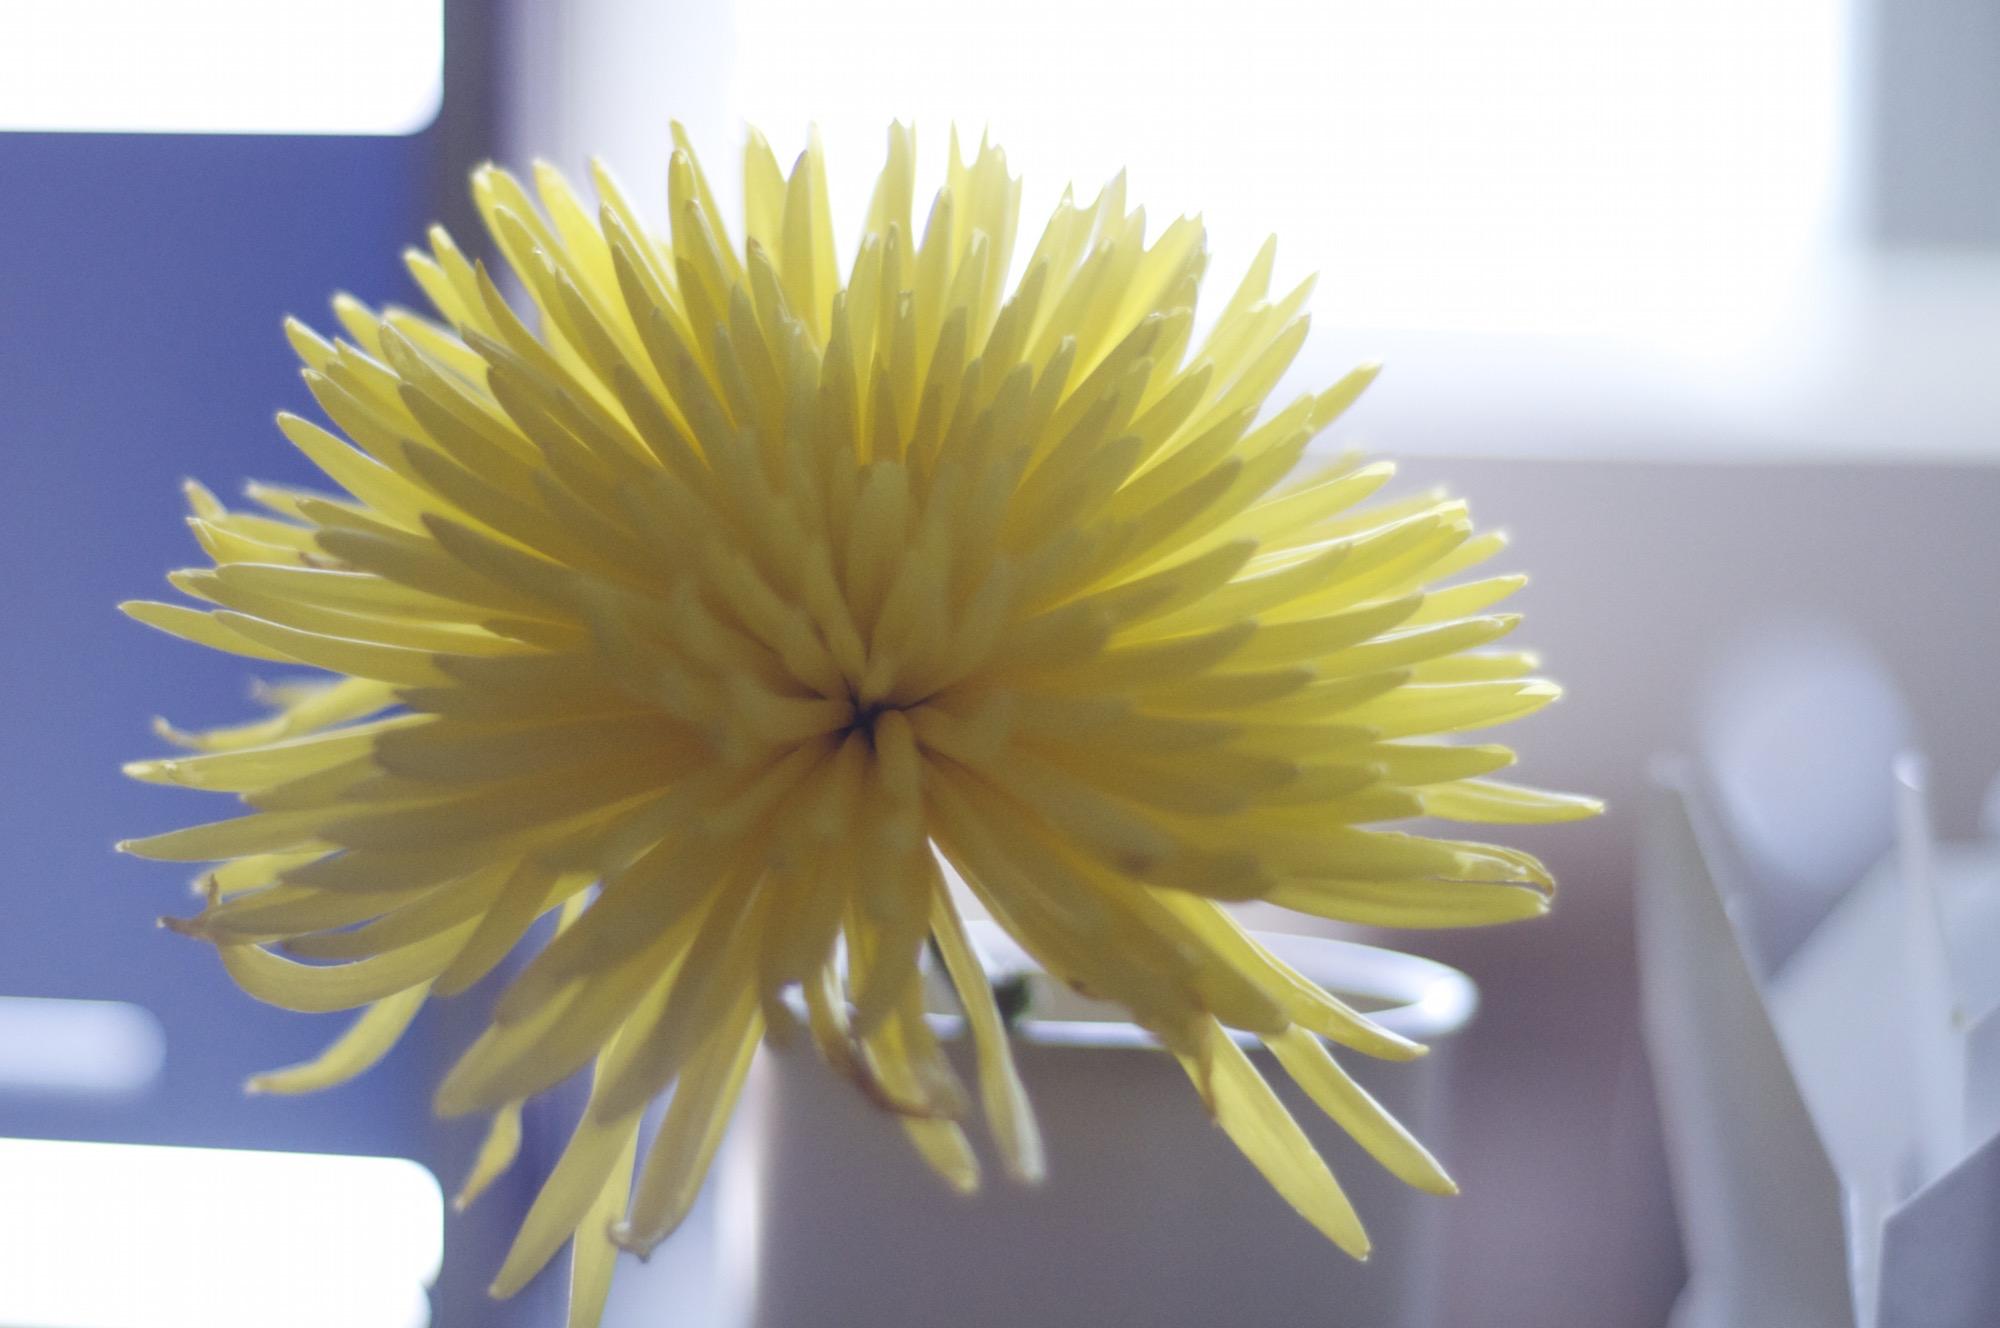 Dahlia flower. © C.T.Z. Ejanda